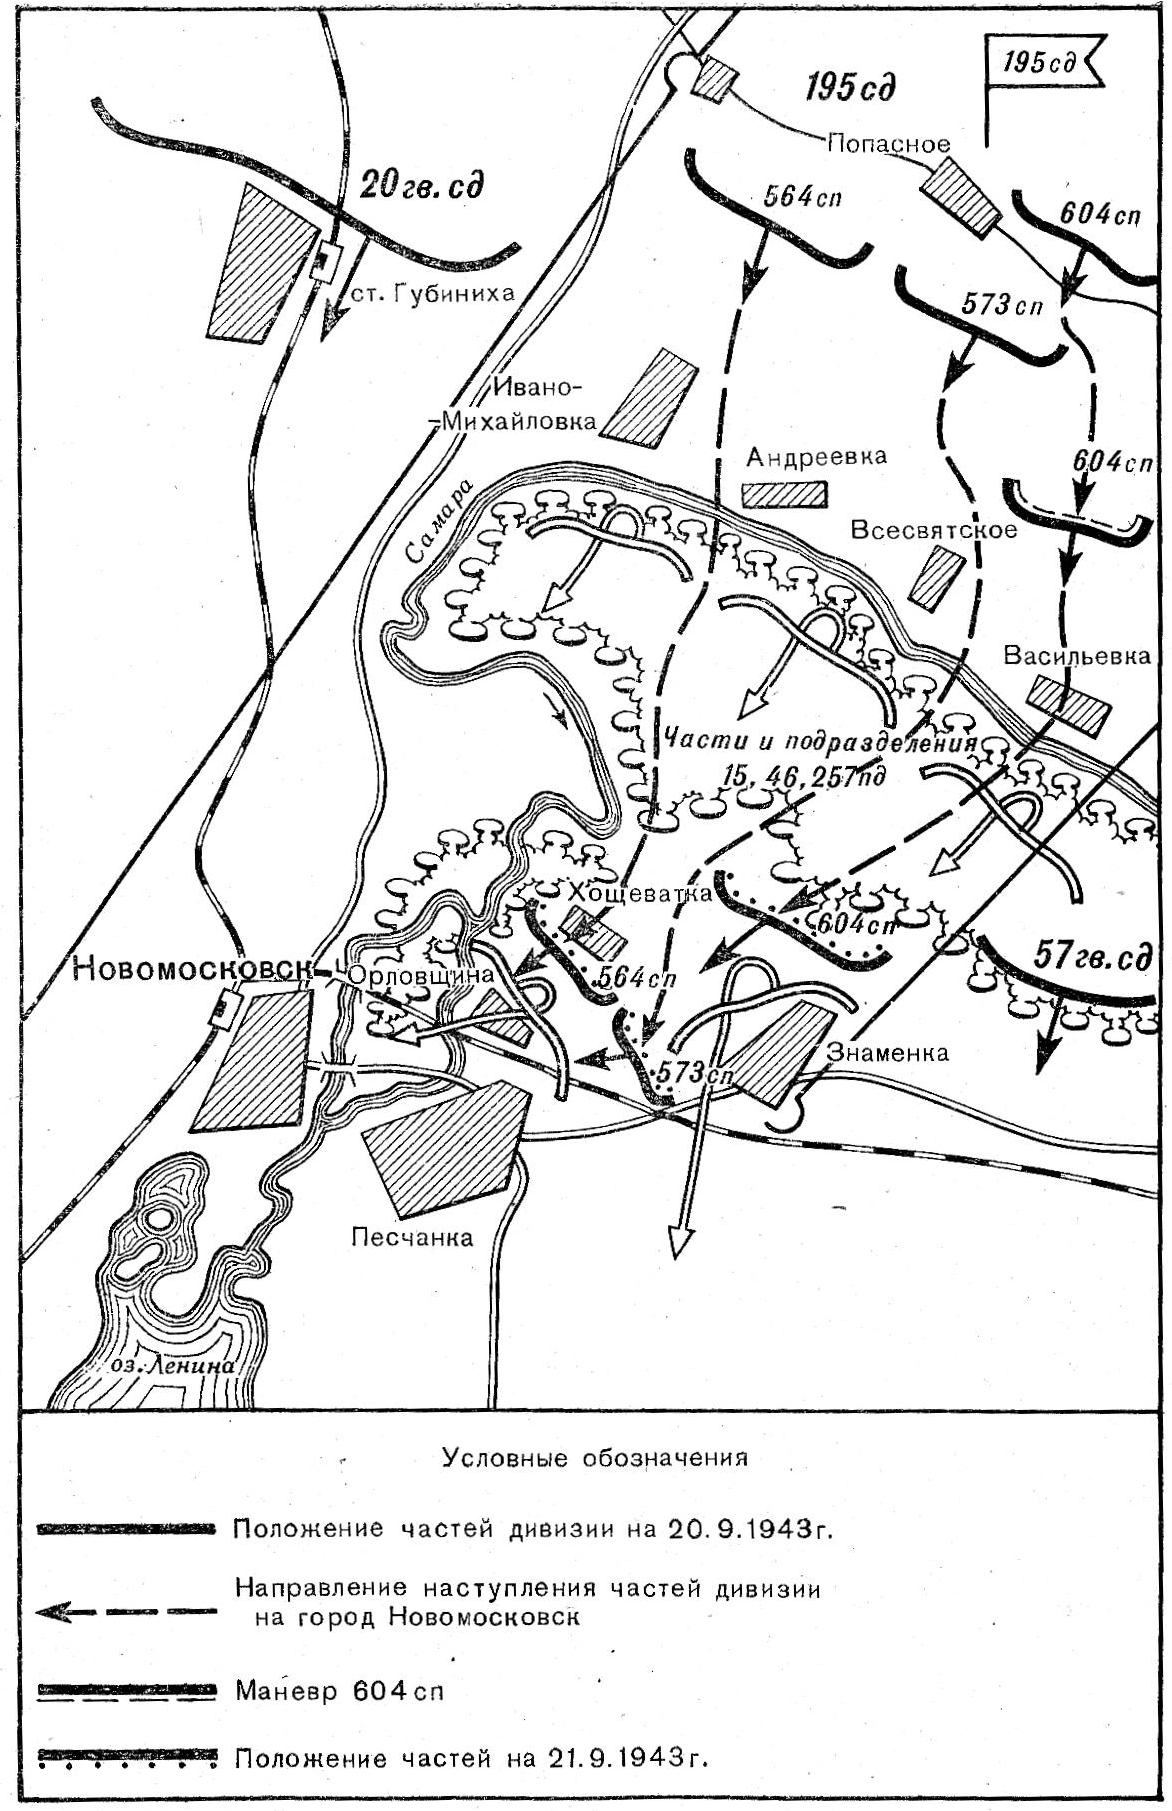 Схема 1 бой 195 сд на подступах к городу